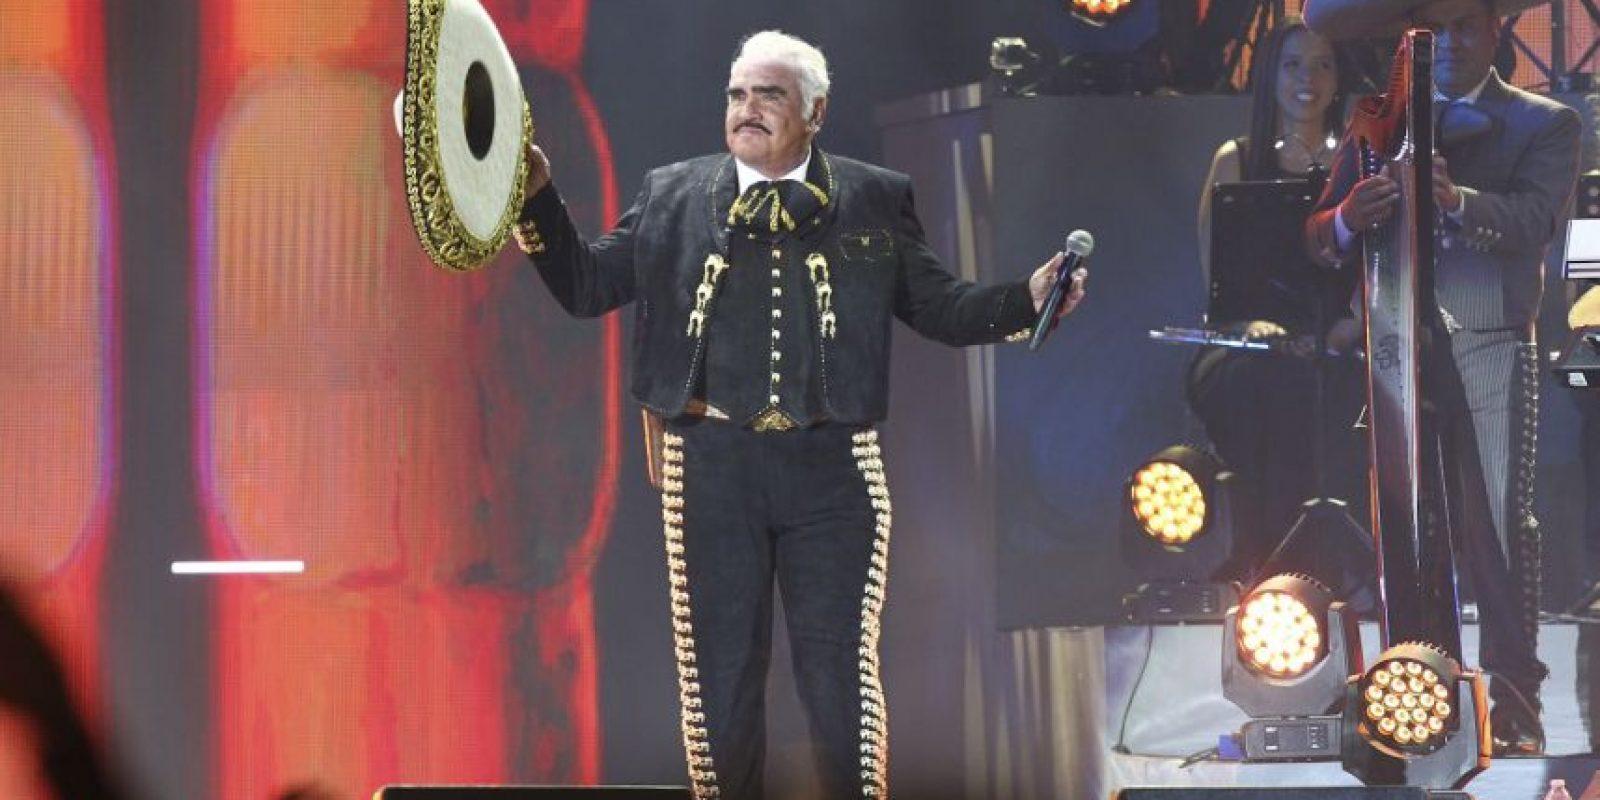 Vicente Fernández Foto:Cuartoscuro